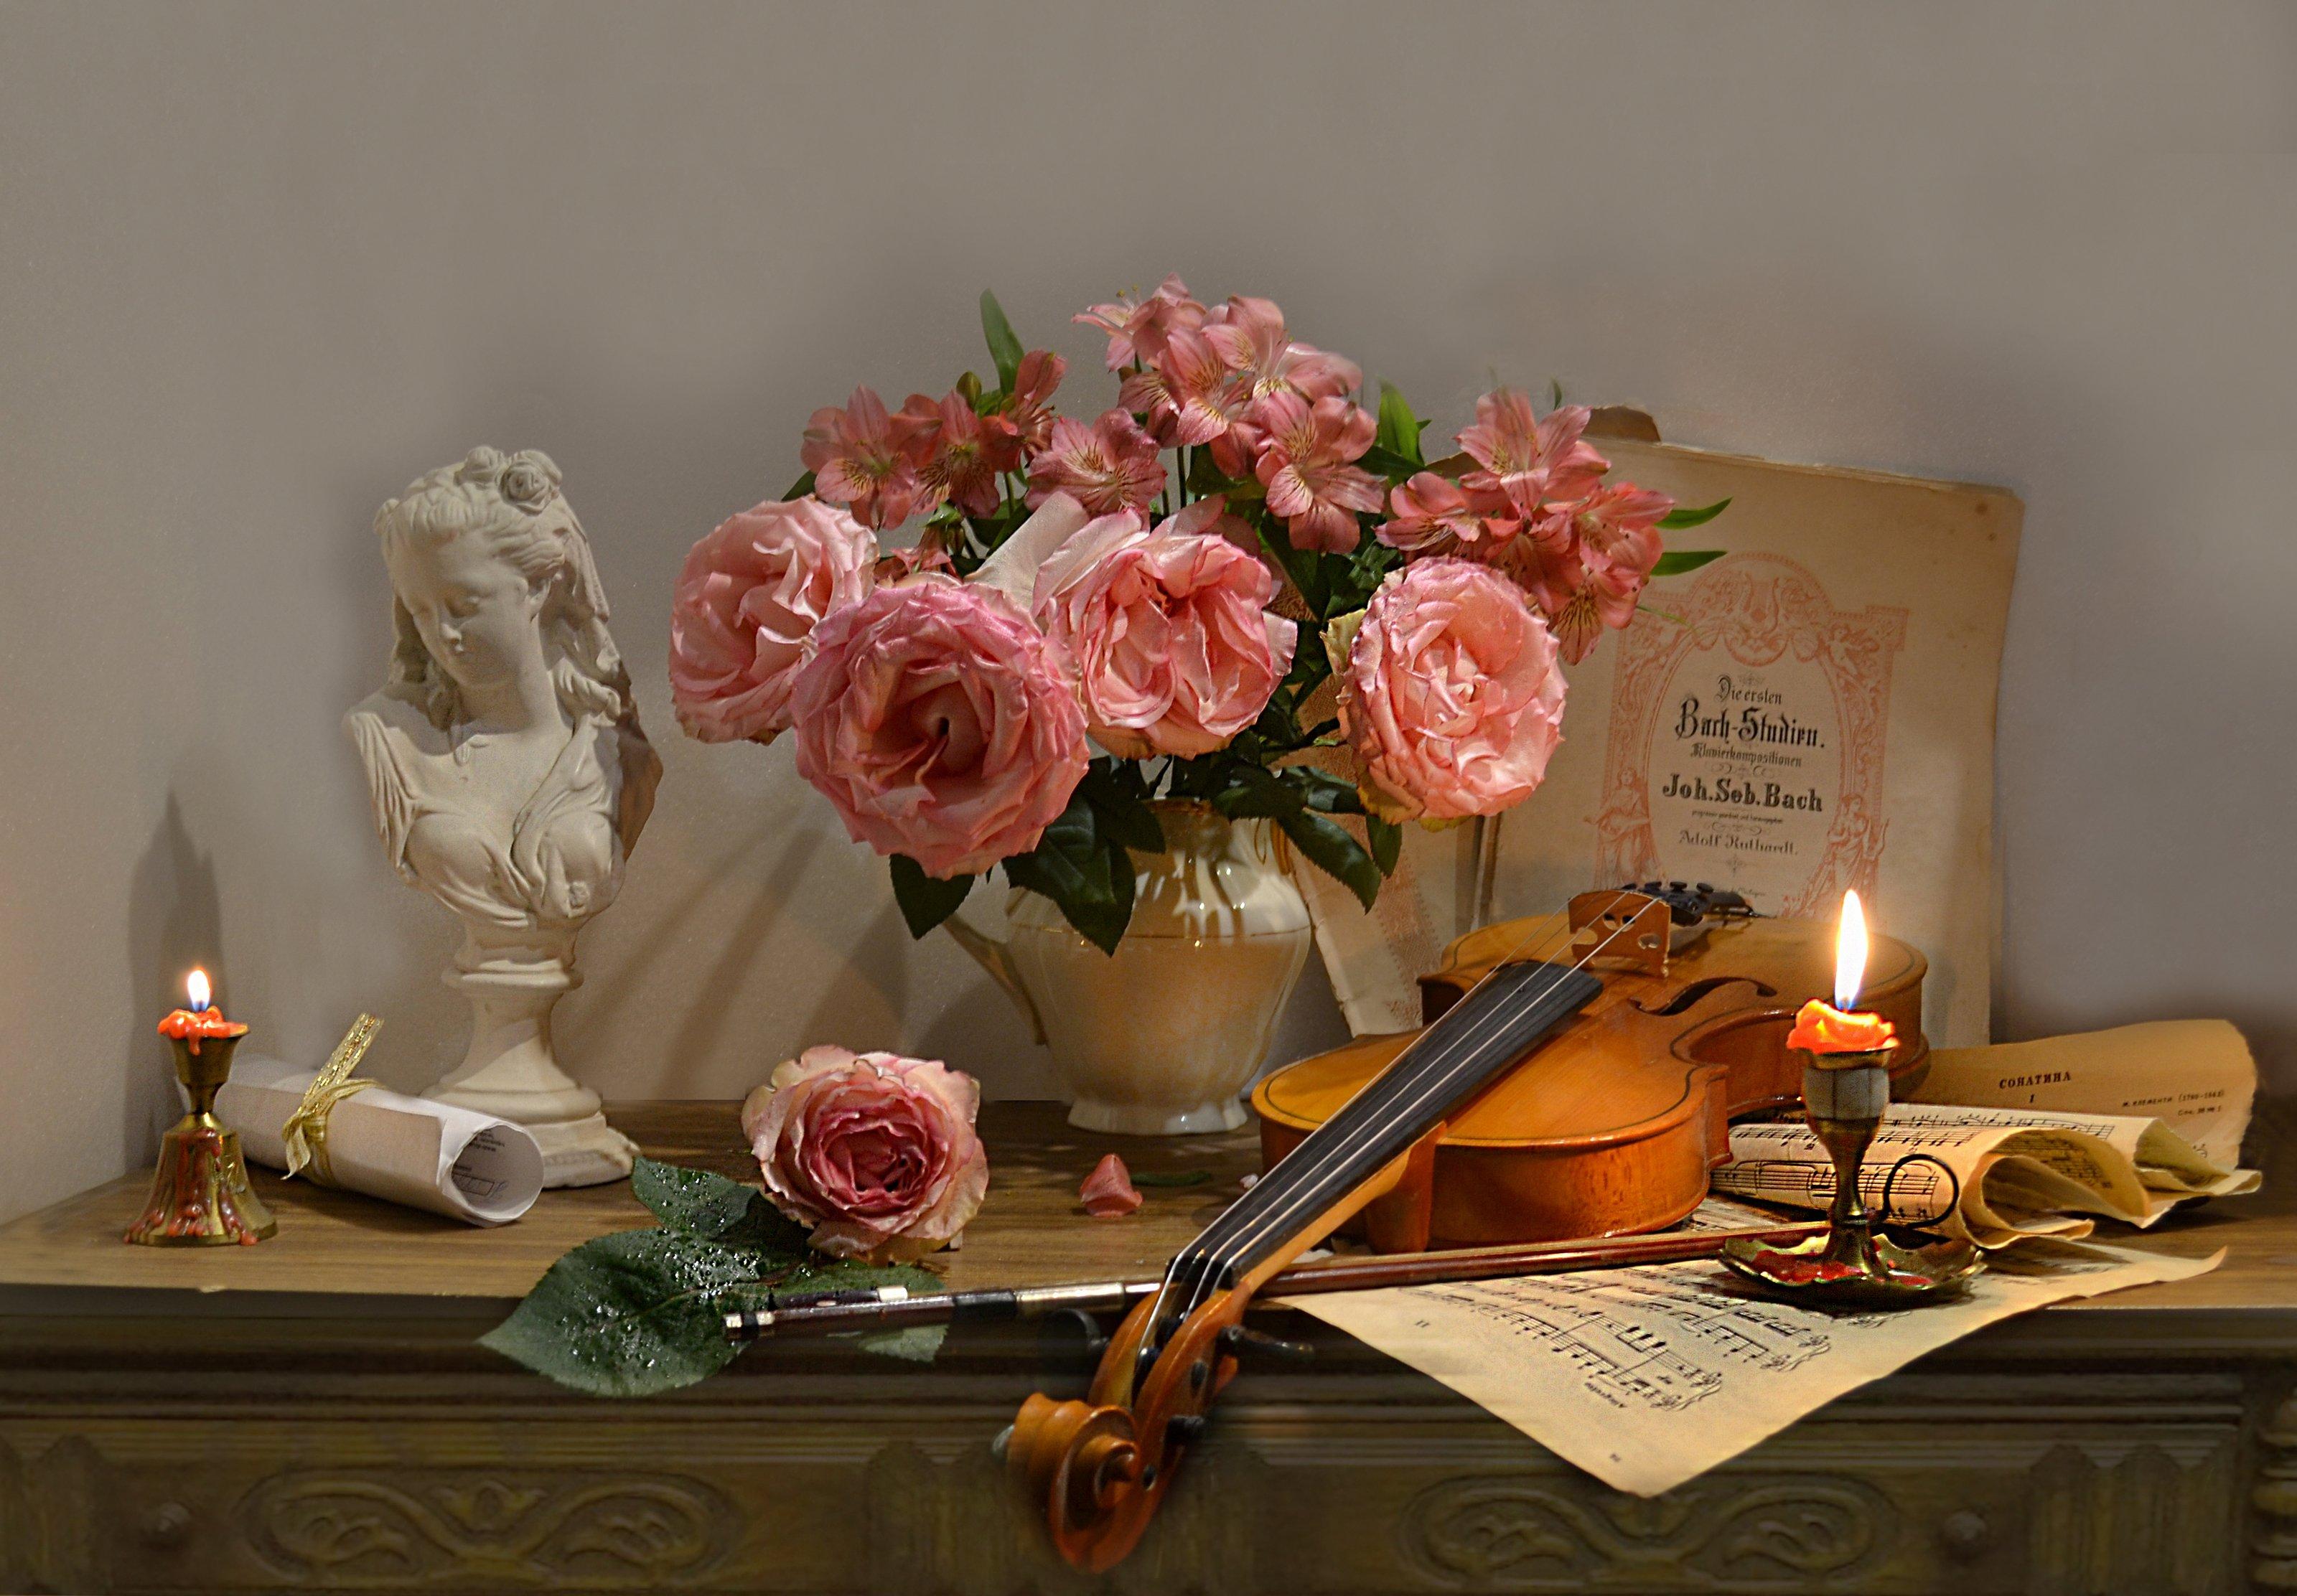 still life, натюрморт, цветы, фото натюрморт, зима, январь, розы, подсвечник, скрипка, ноты,  смычок, свеча, Колова Валентина